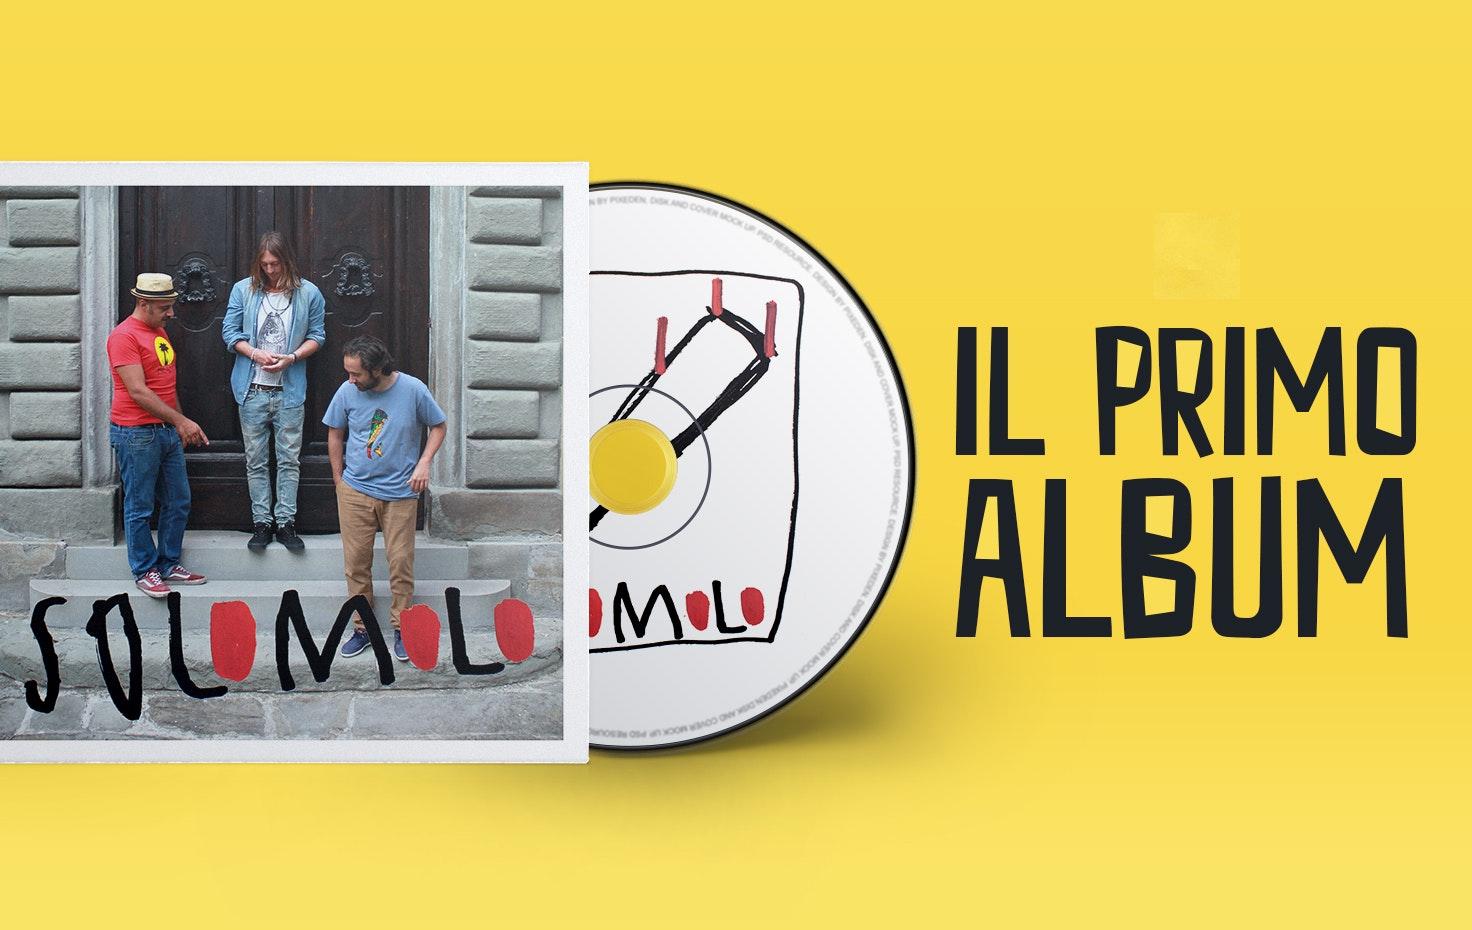 SoloMolo, il primo album